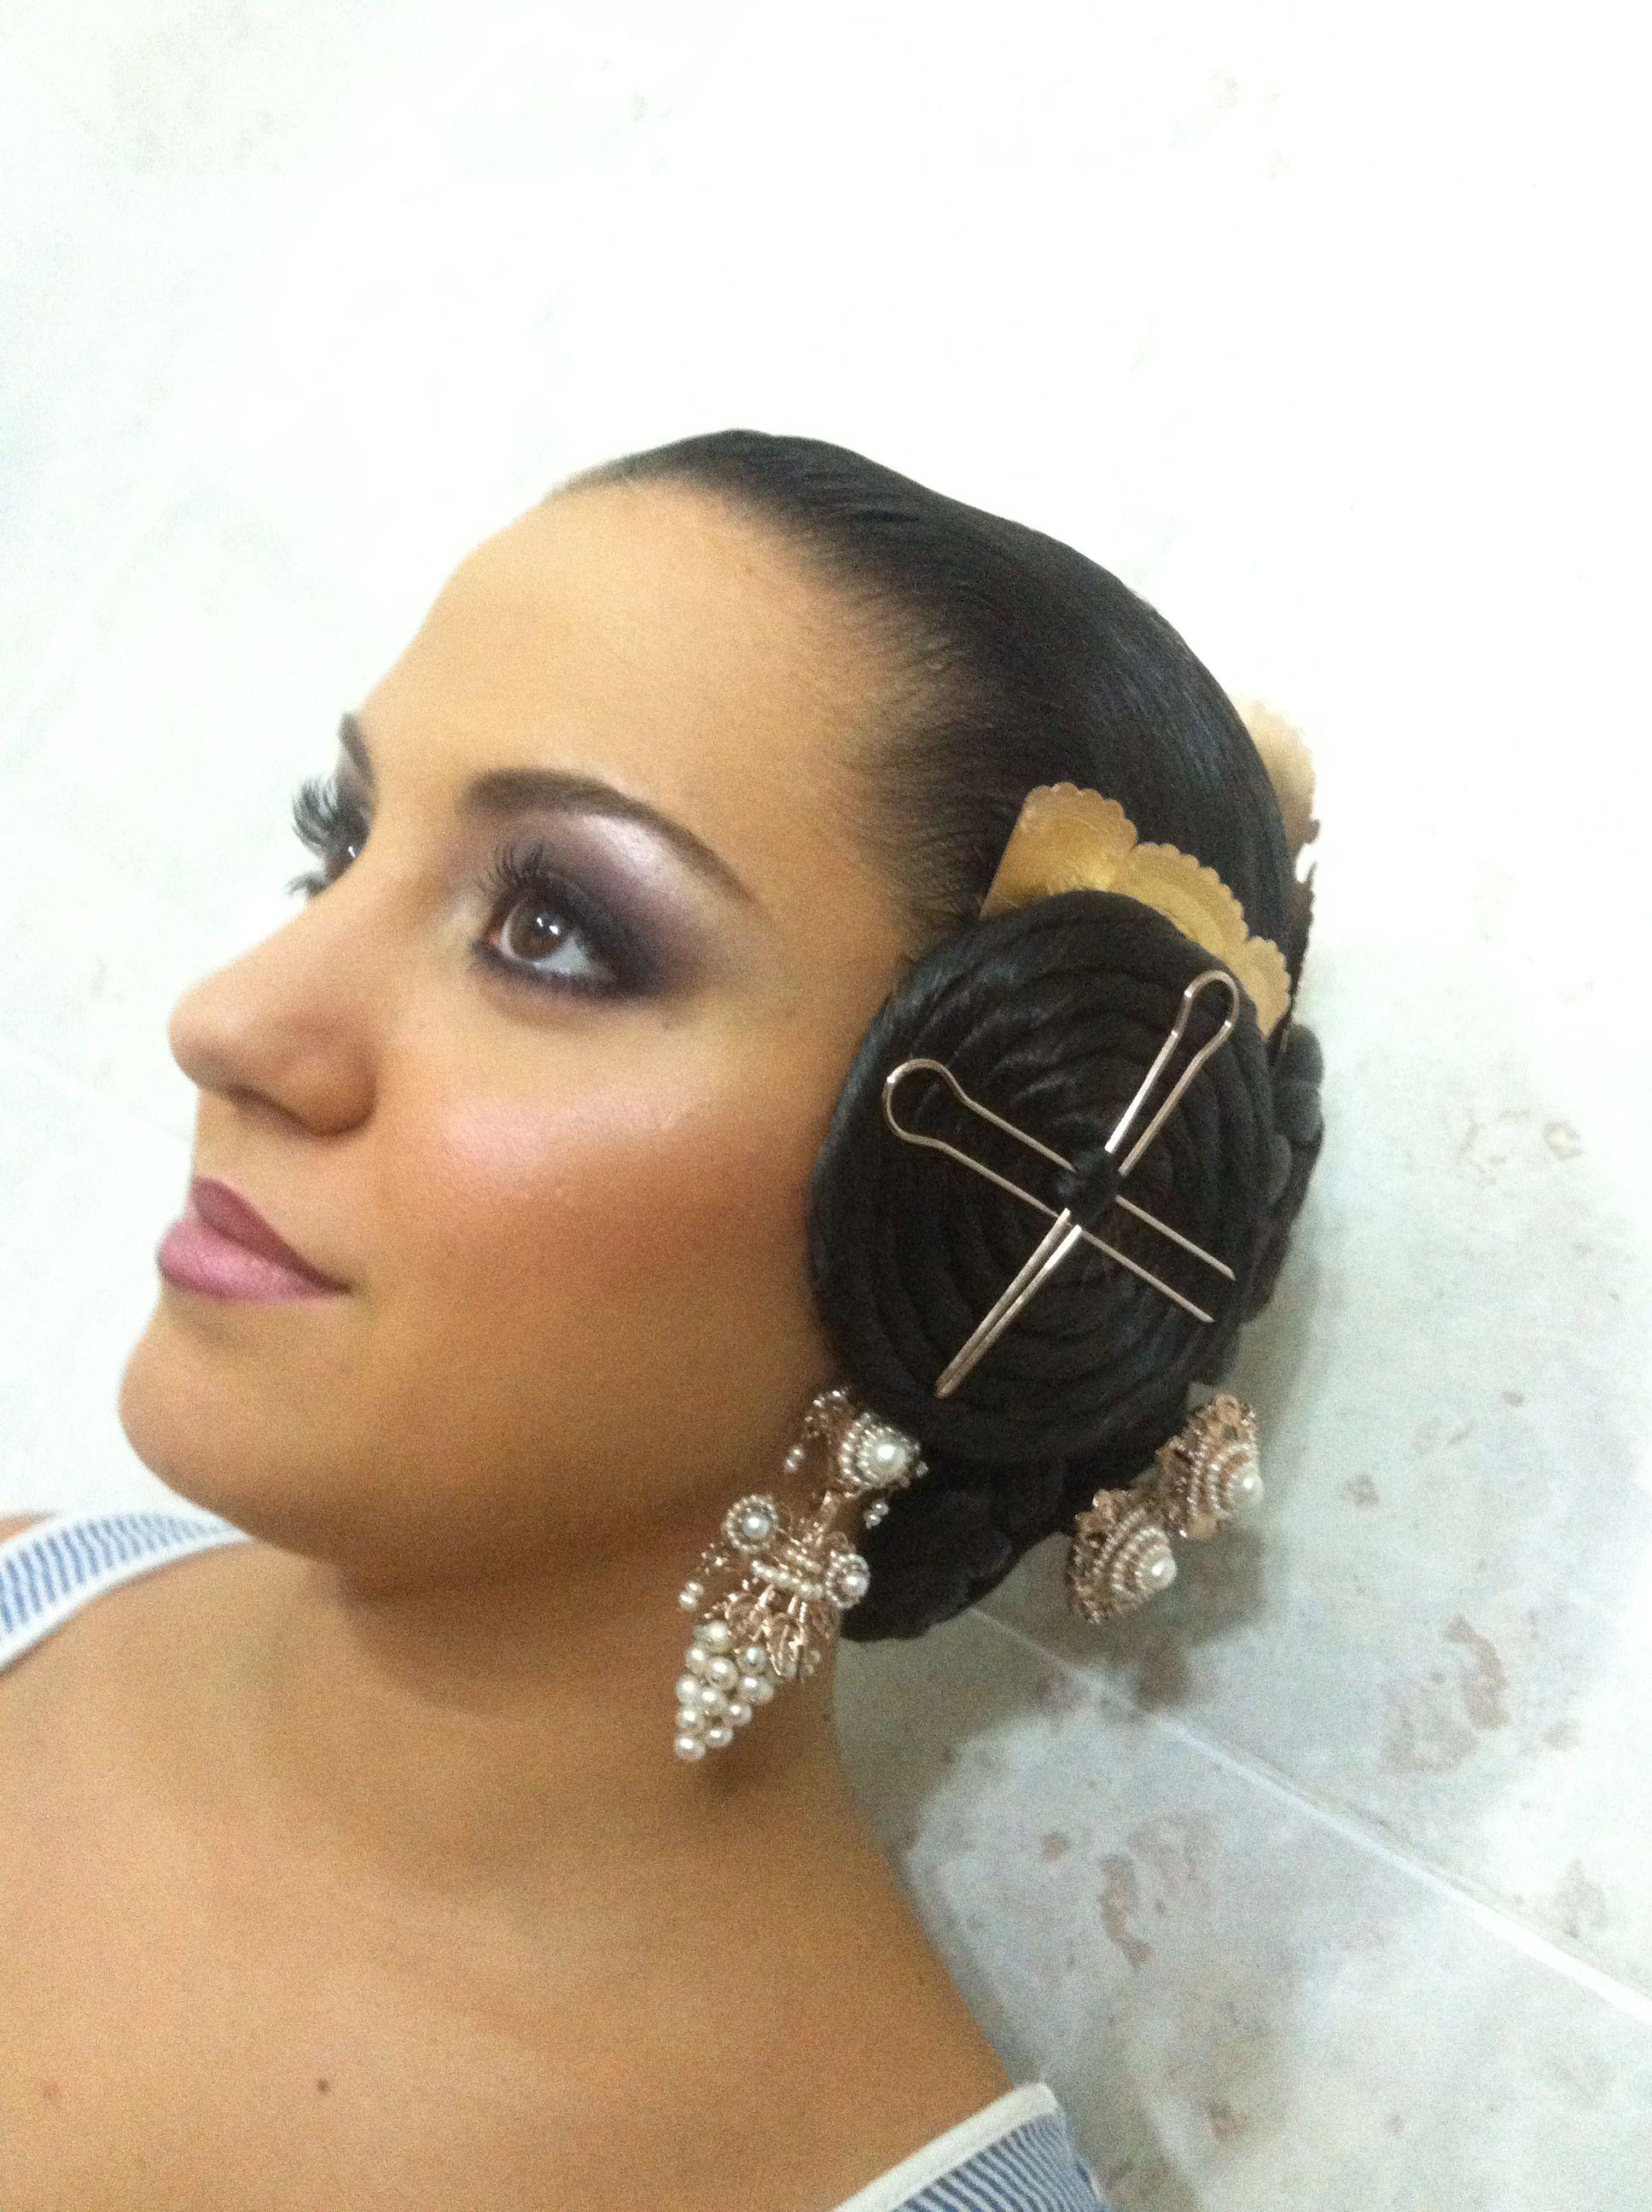 Super dulce peinados de fallera Galería De Consejos De Color De Pelo - Maquillaje y peinado de fallera | Maquillaje, Peinados